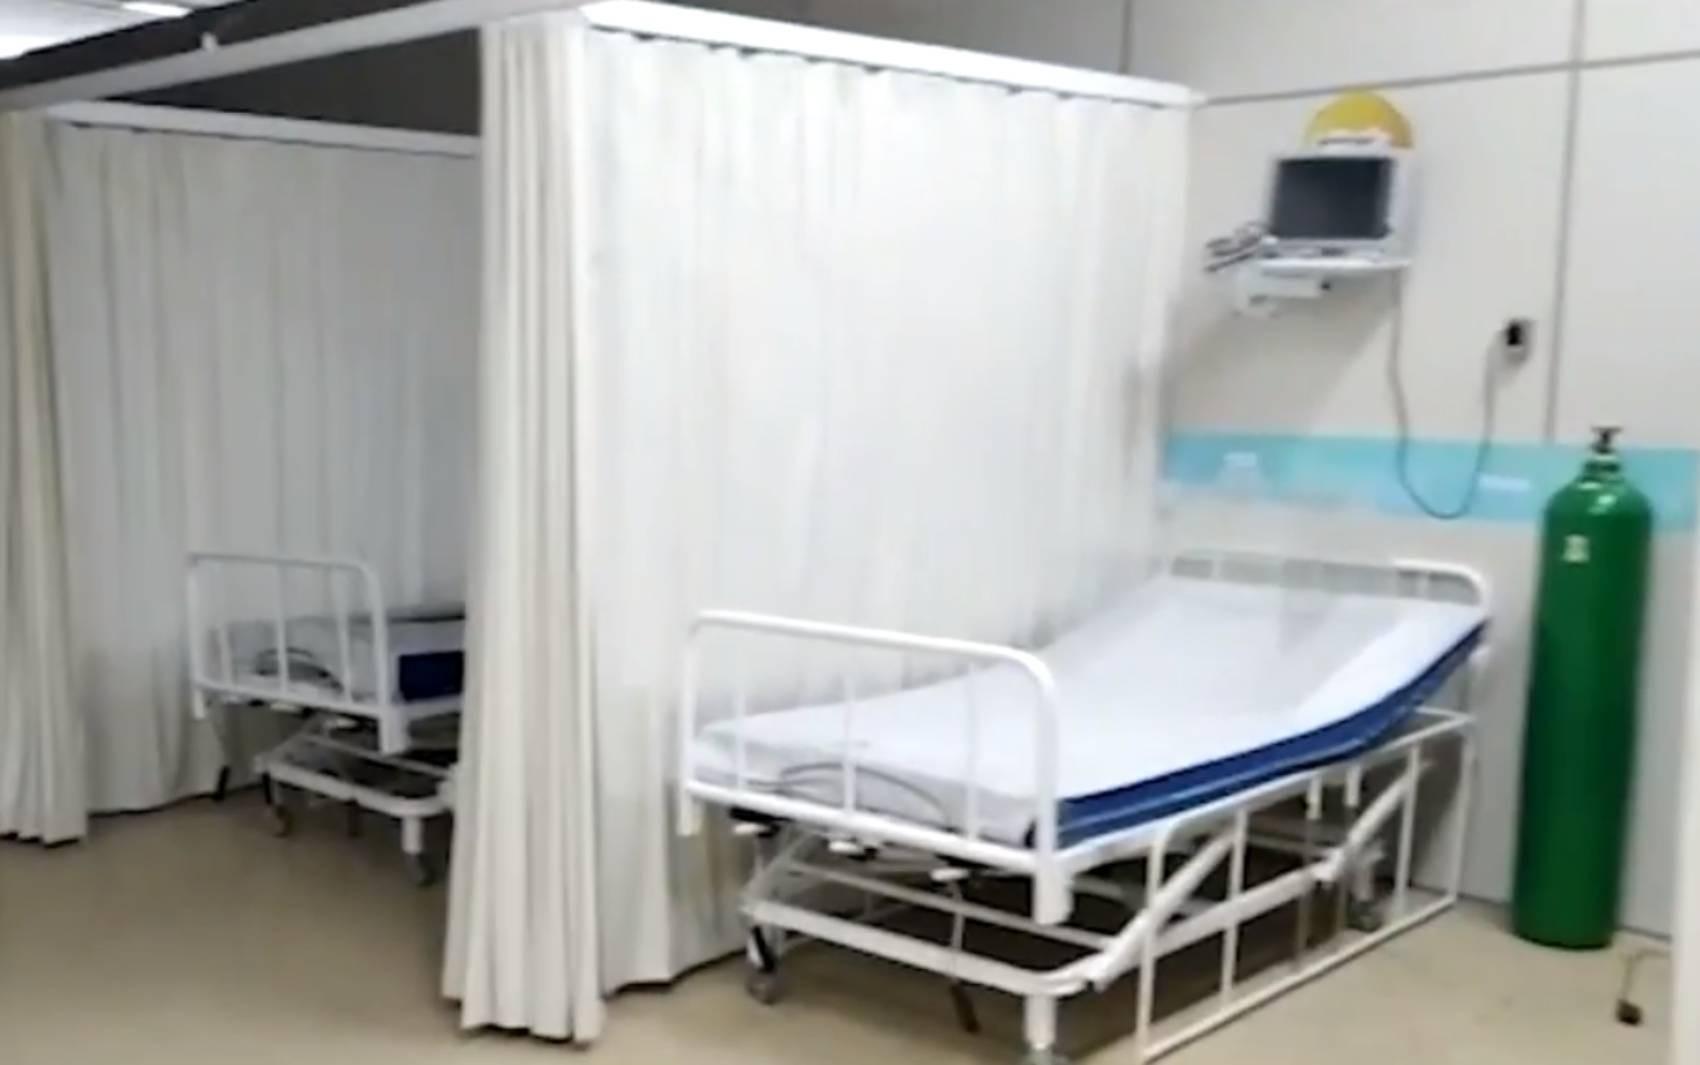 Bahia tem 672 novos casos de Covid-19 em 24 horas; nove mortes são registradas